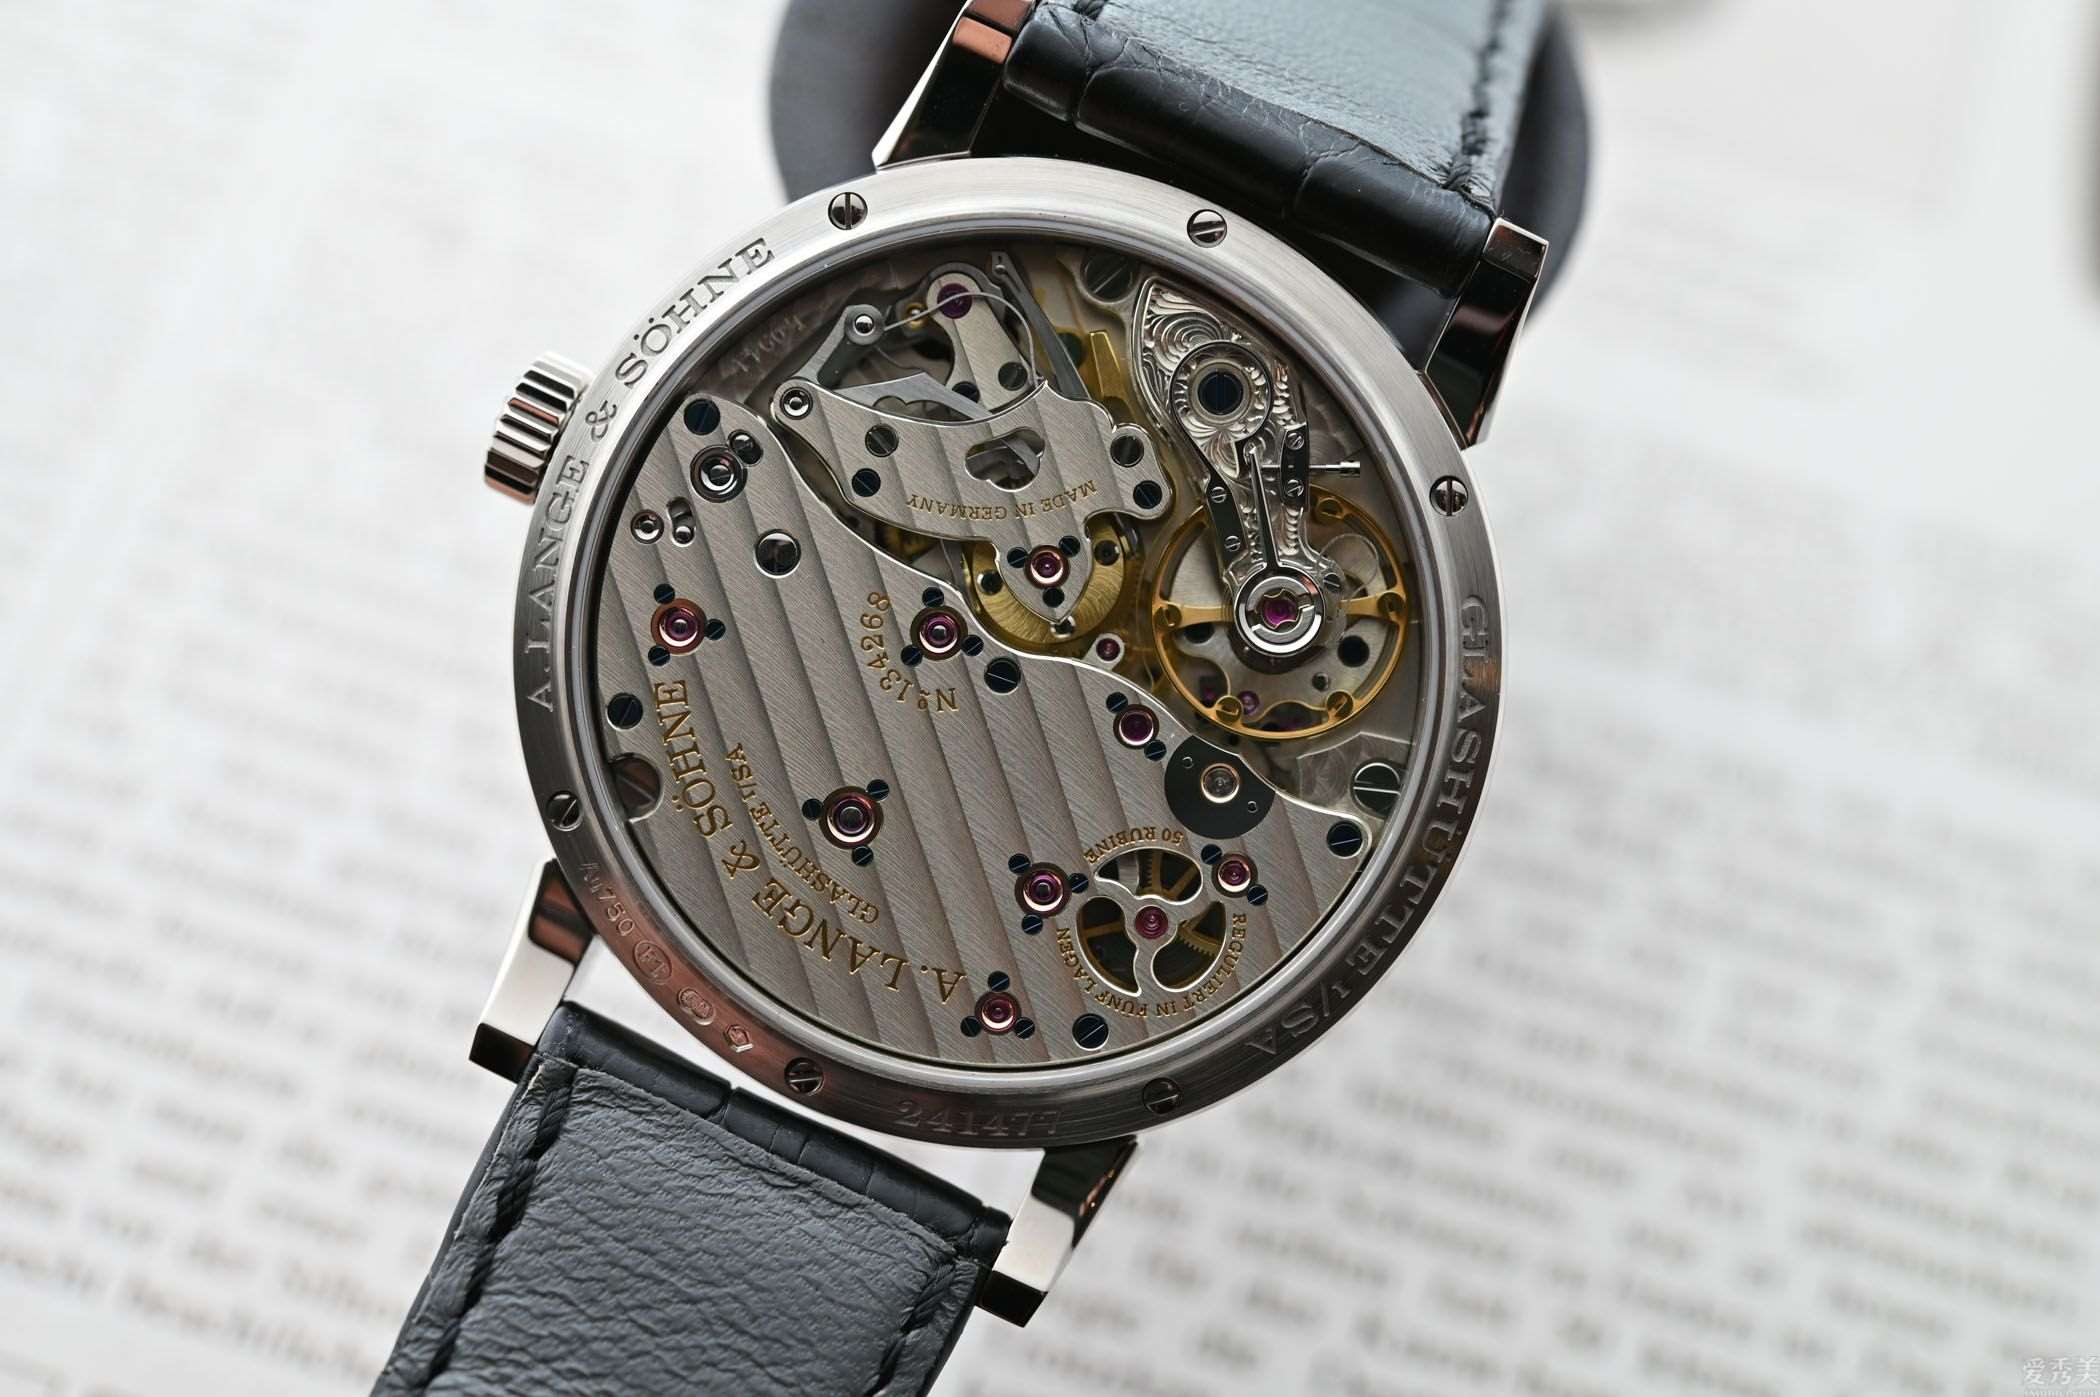 朗格(A.Lange&Söhne)跳秒秒针白金和黑色表壳